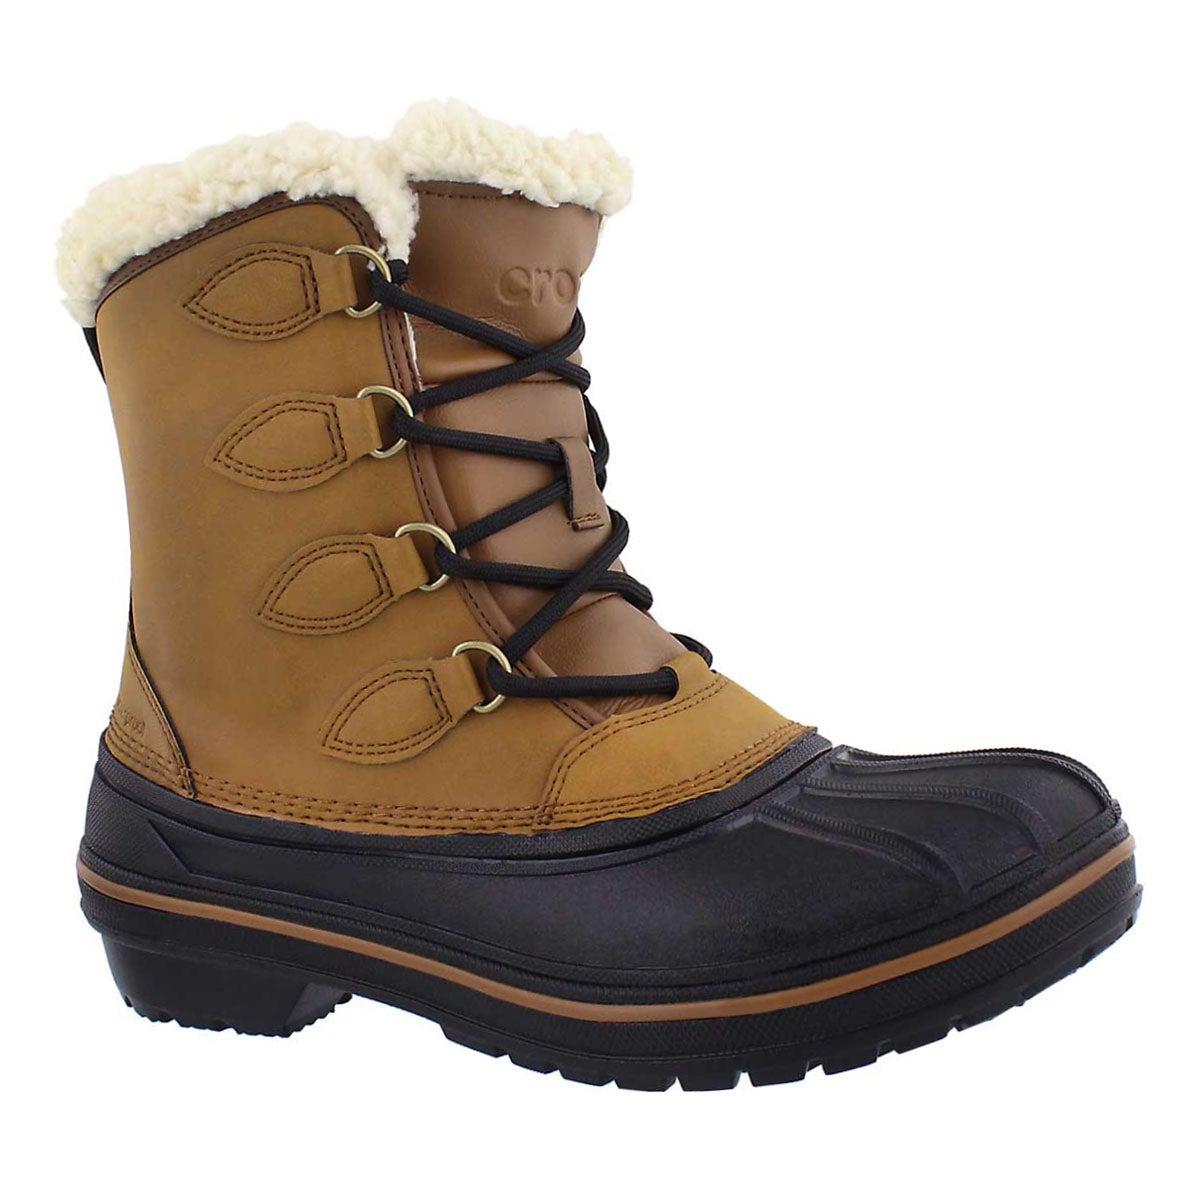 Women's ALL CAST II wheat winter boots